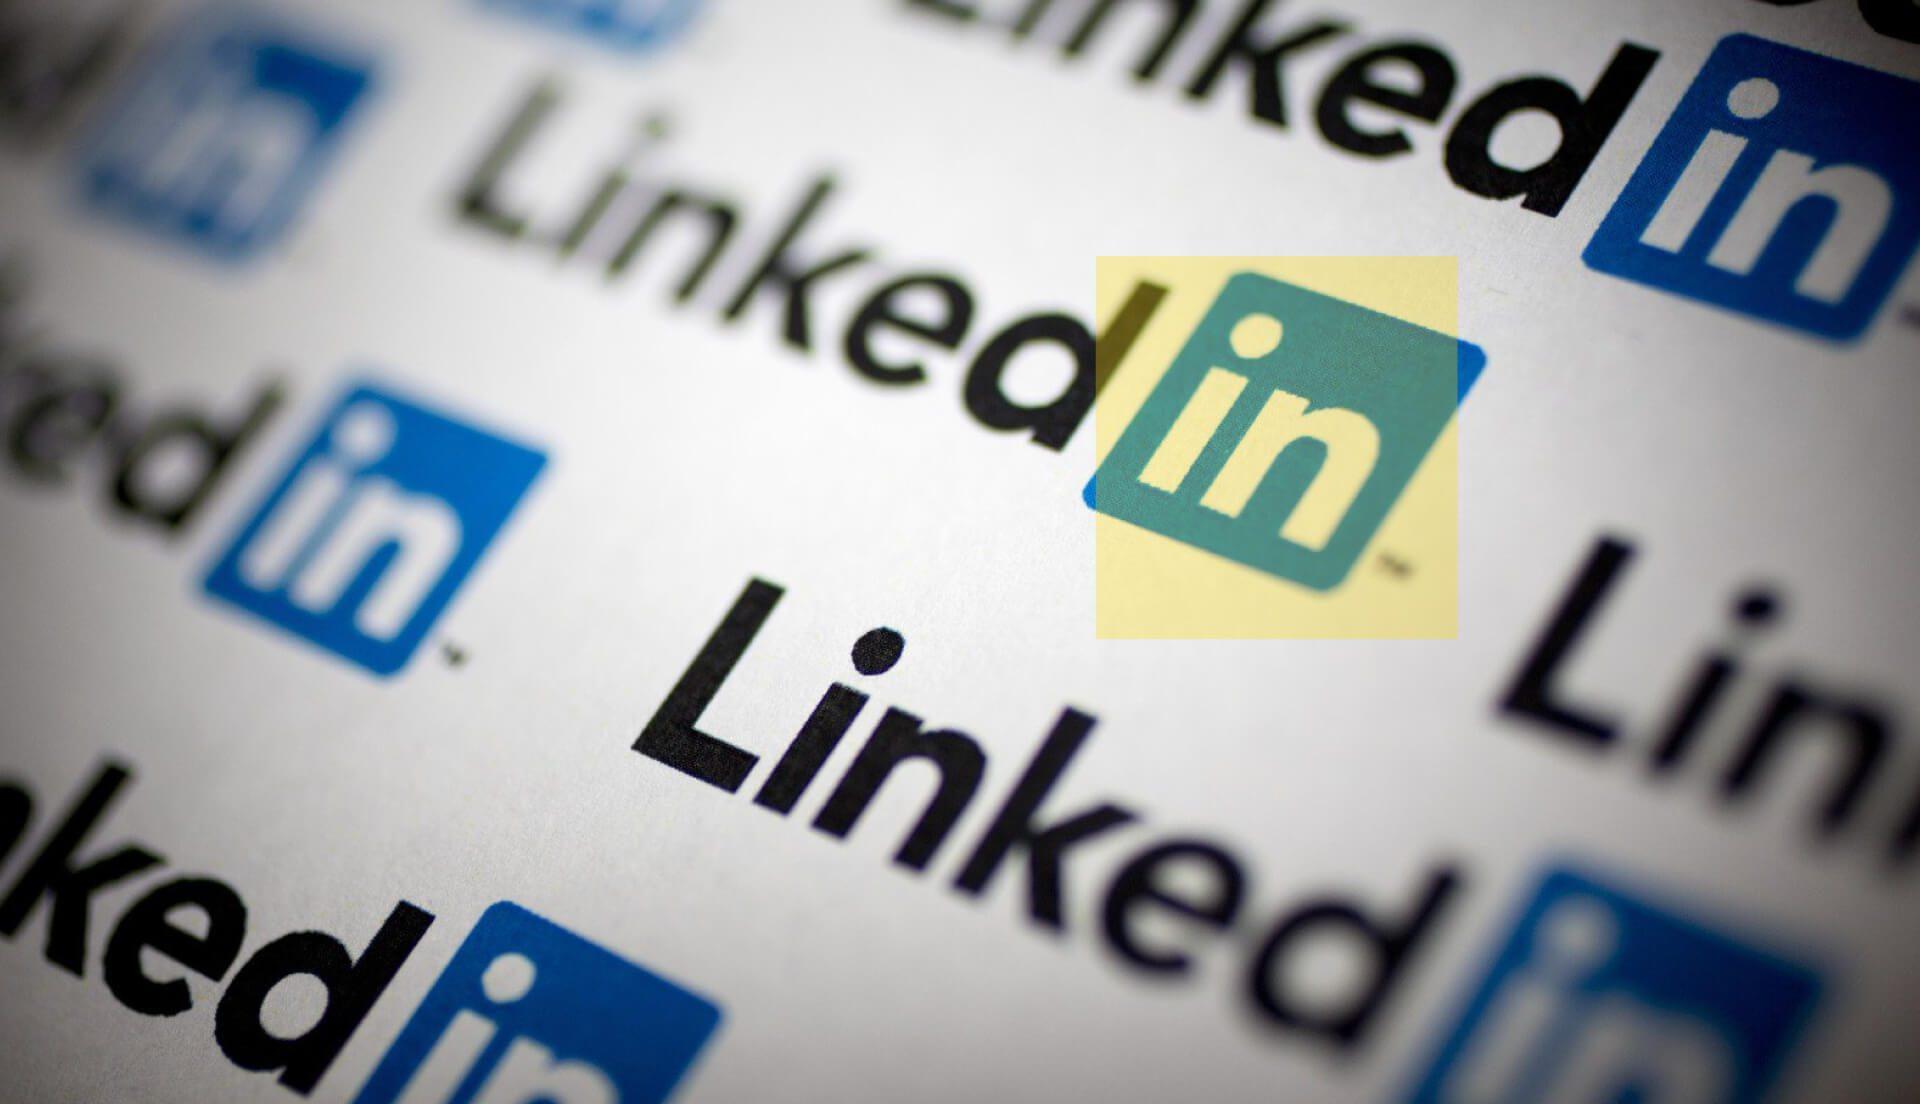 Caso de Éxito: Linkedln lanza nueva herramienta de video para agilizar los protocolos de selección